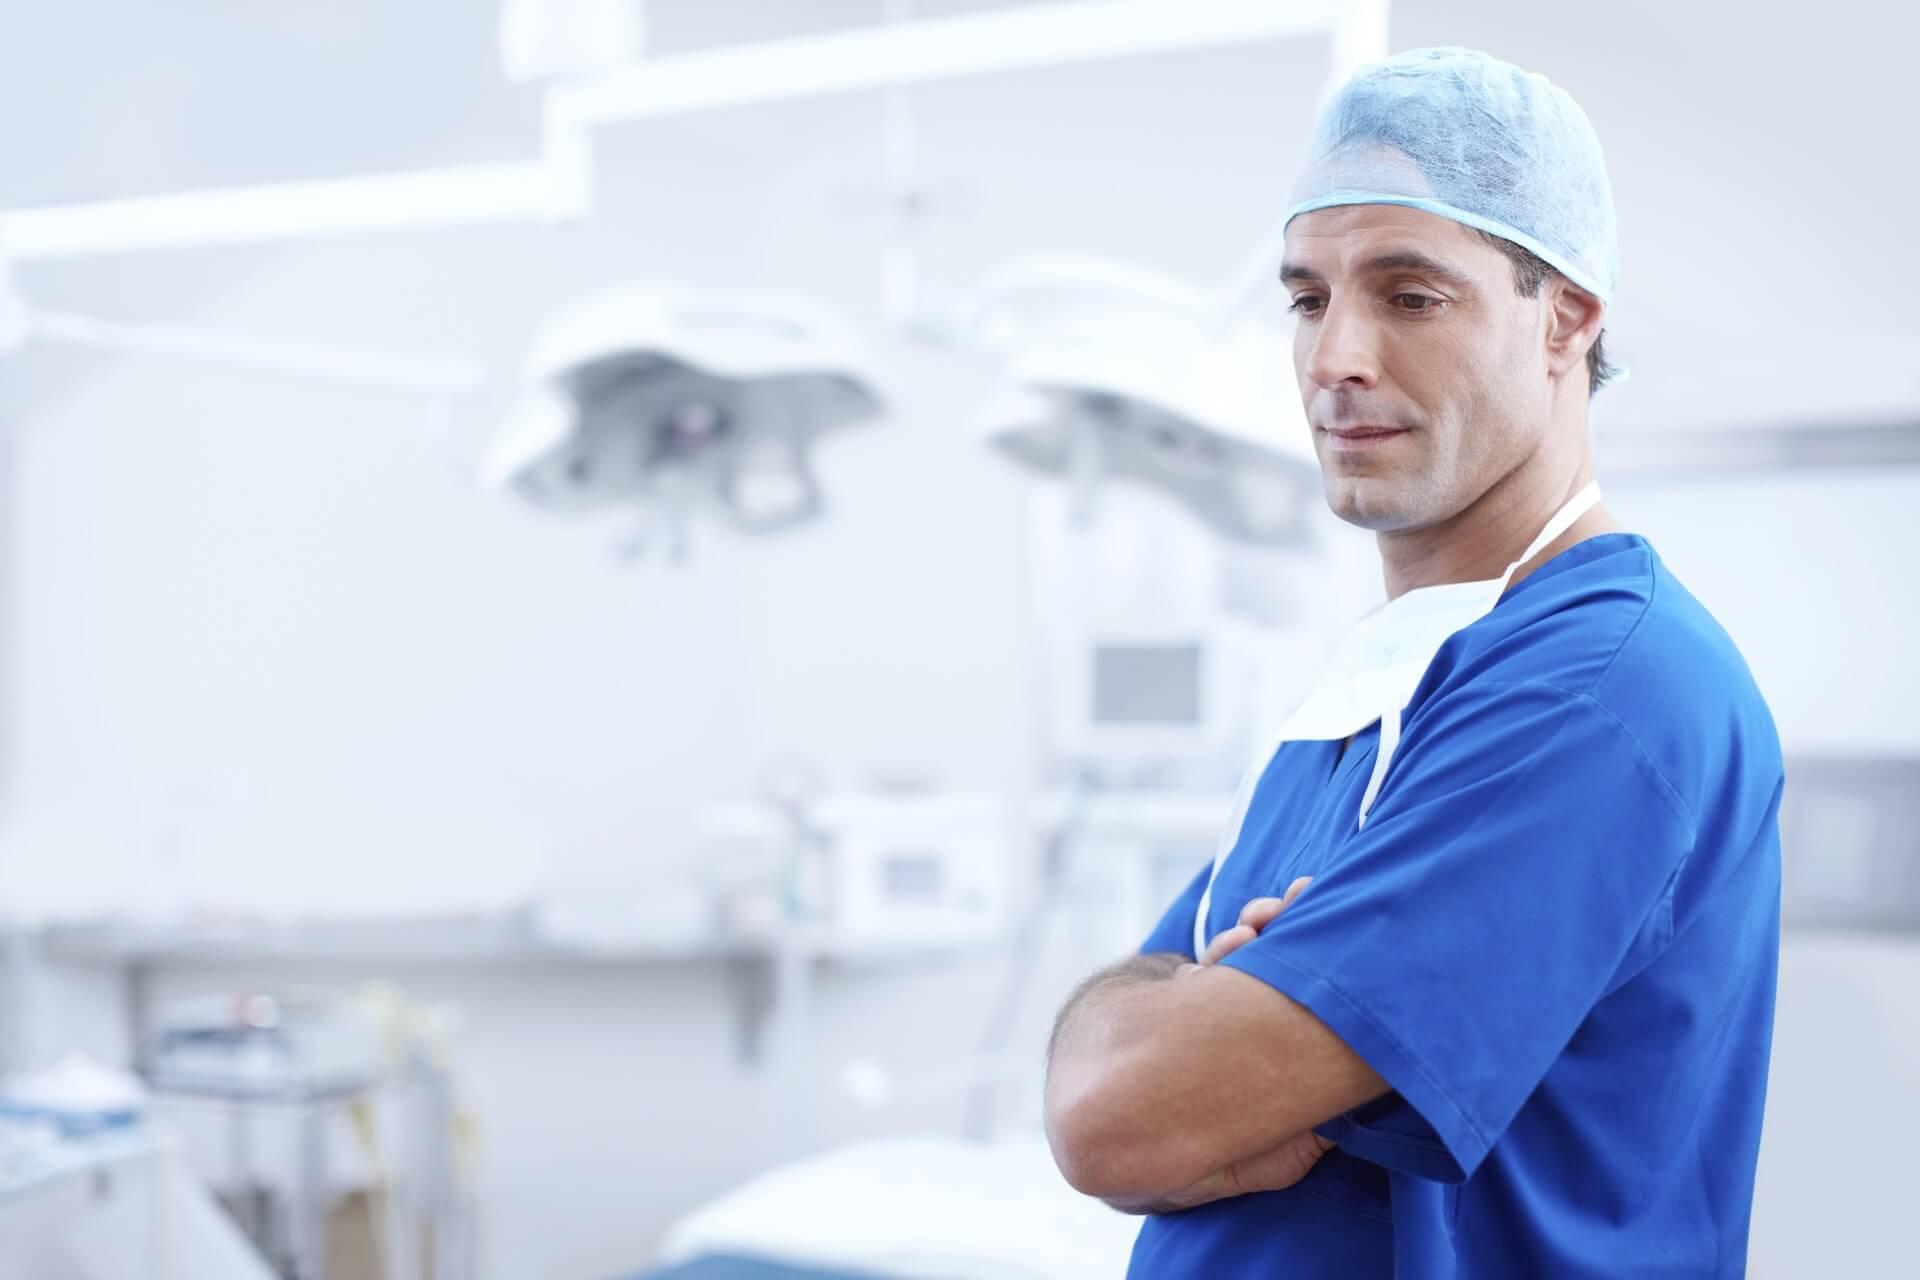 Praxisreinigung, Laborreinigung, Empfangsreinigung, OP Reinigung, Hygiene und Sauberkeit